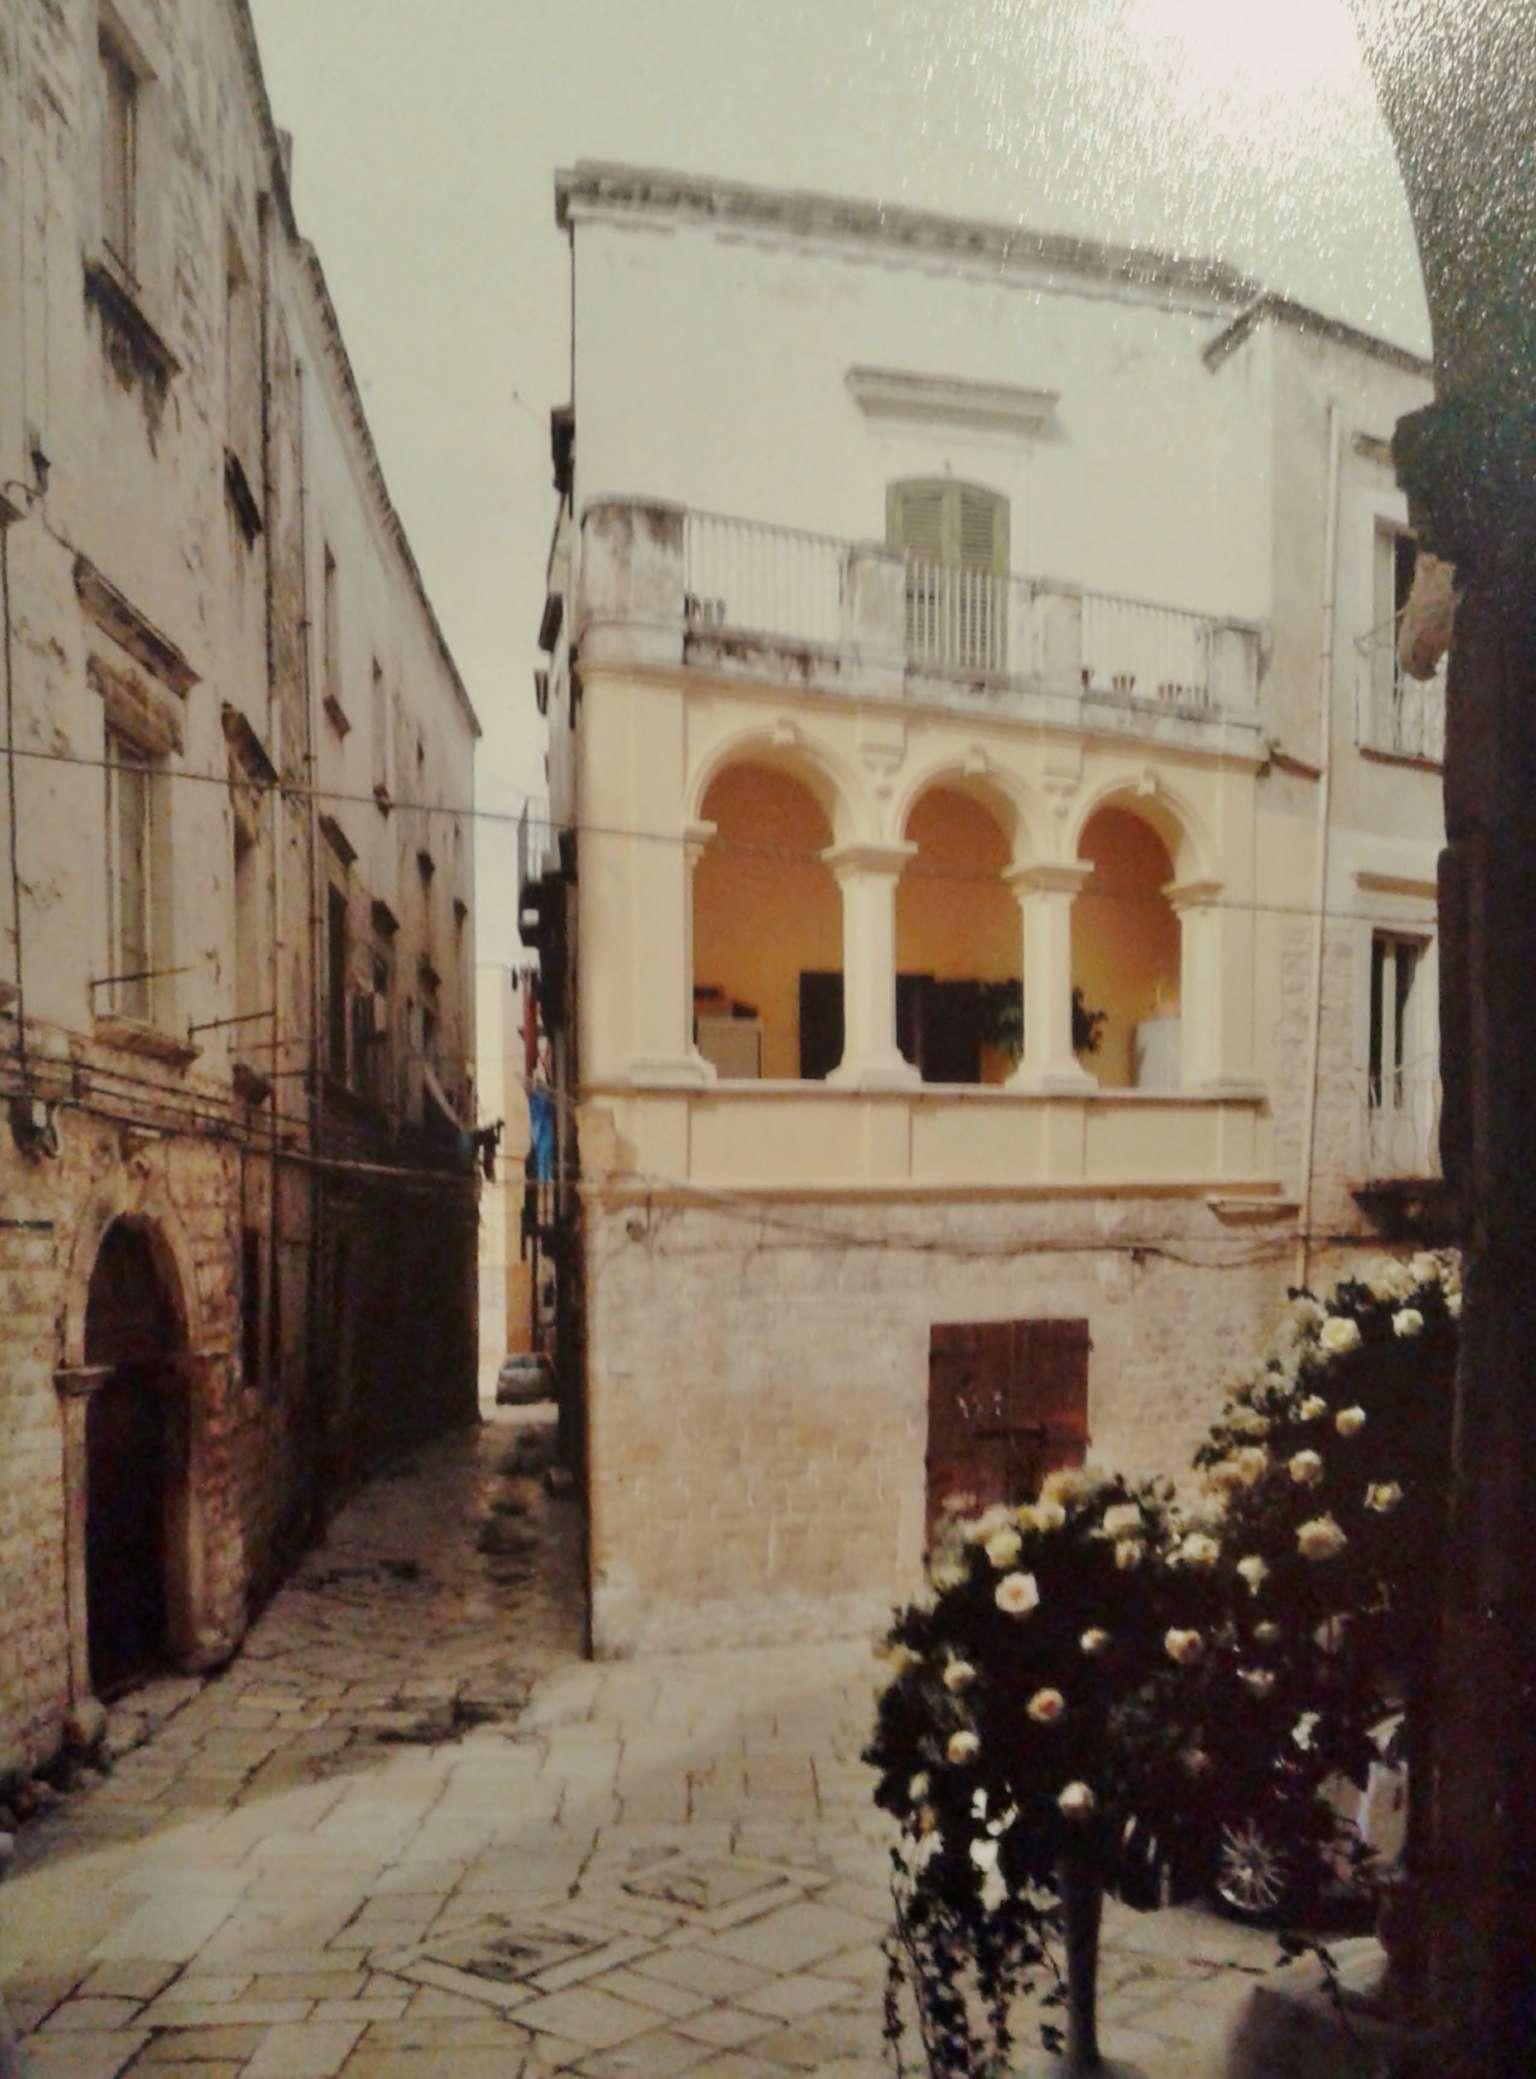 Appartamento in vendita a Bisceglie, 5 locali, prezzo € 100.000 | Cambio Casa.it